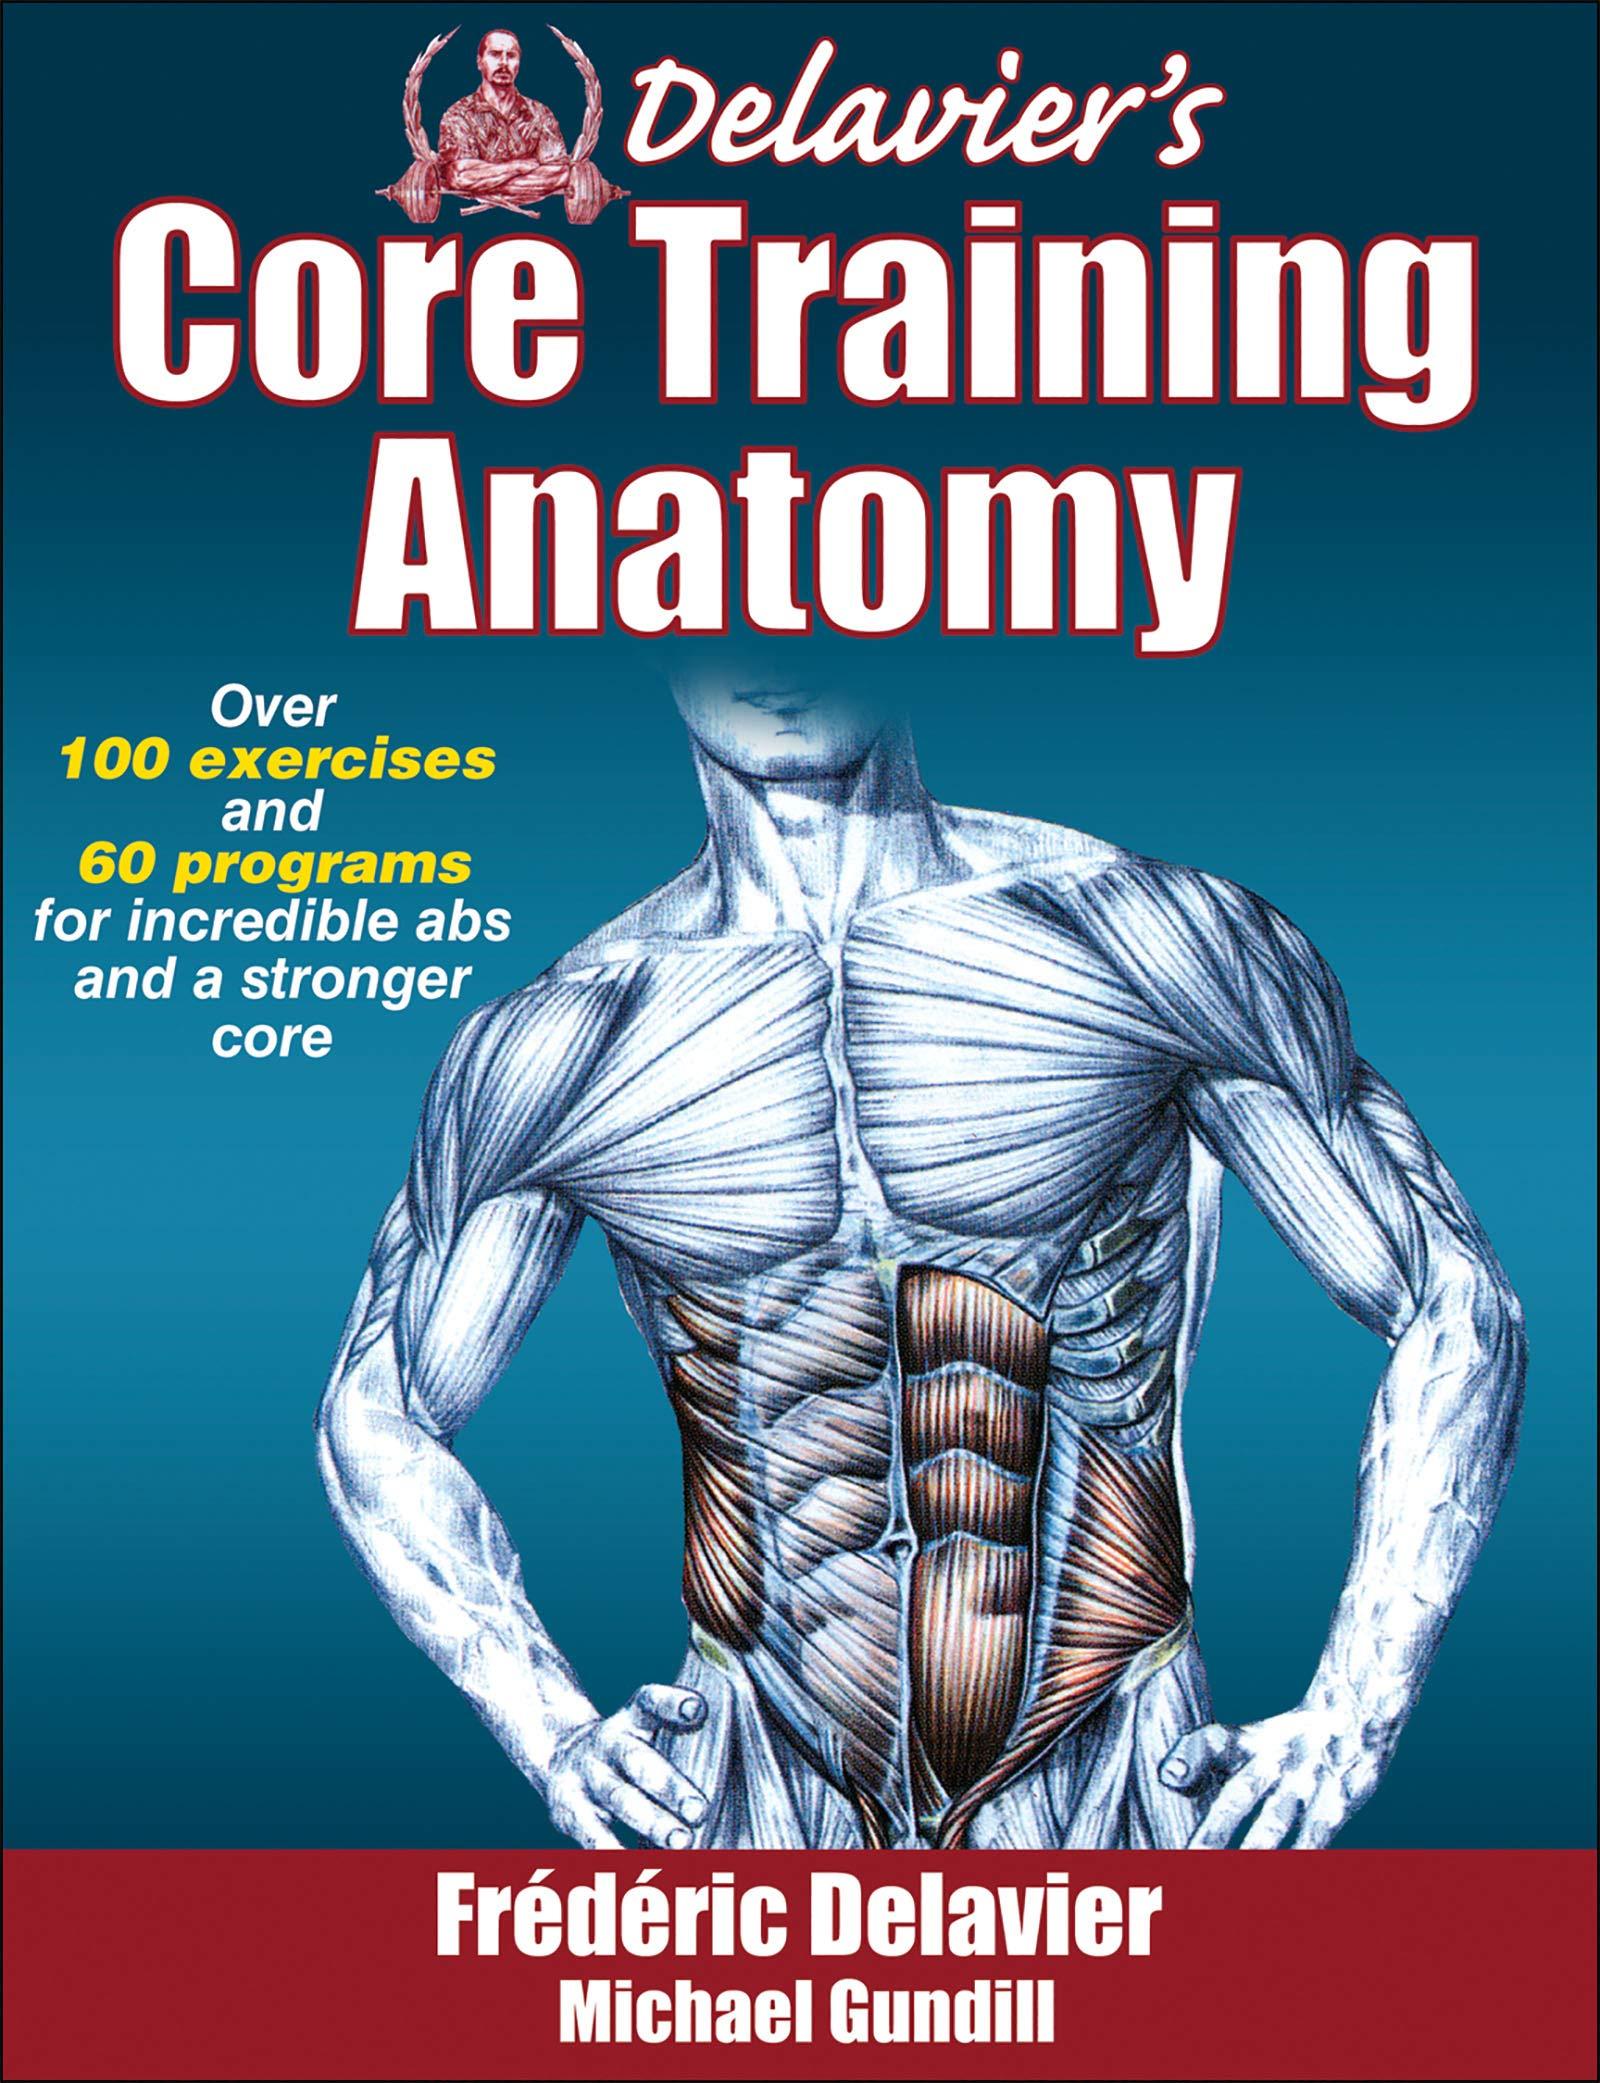 Delavier\'s Core Training Anatomy: Frederic Delavier, Michael Gundill ...